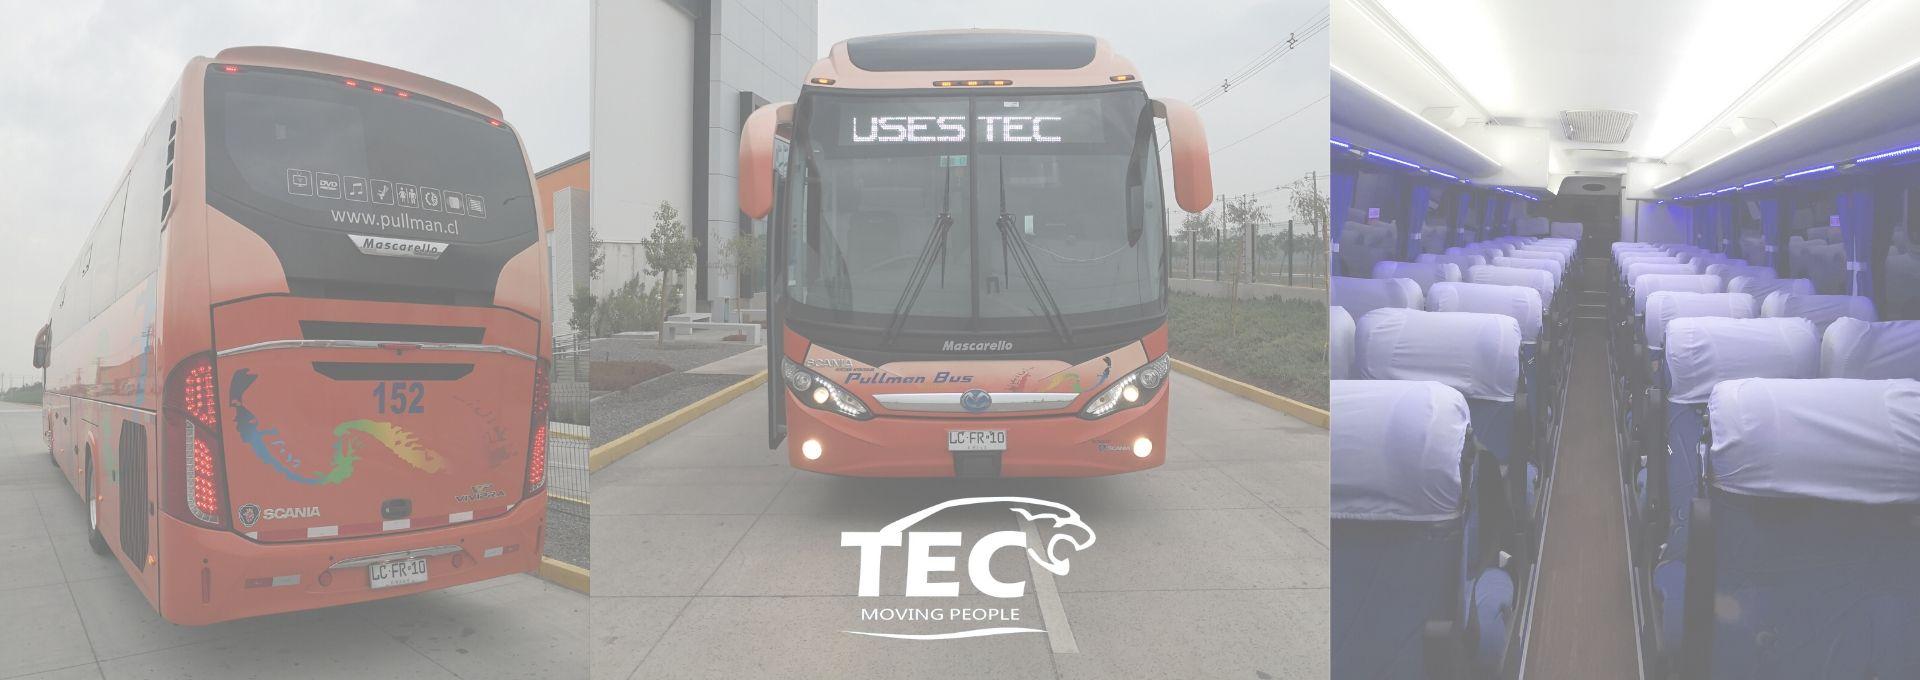 transporte de personal, arriendo de buses, viajes especiales, traslados ejecutivos, pullman bus